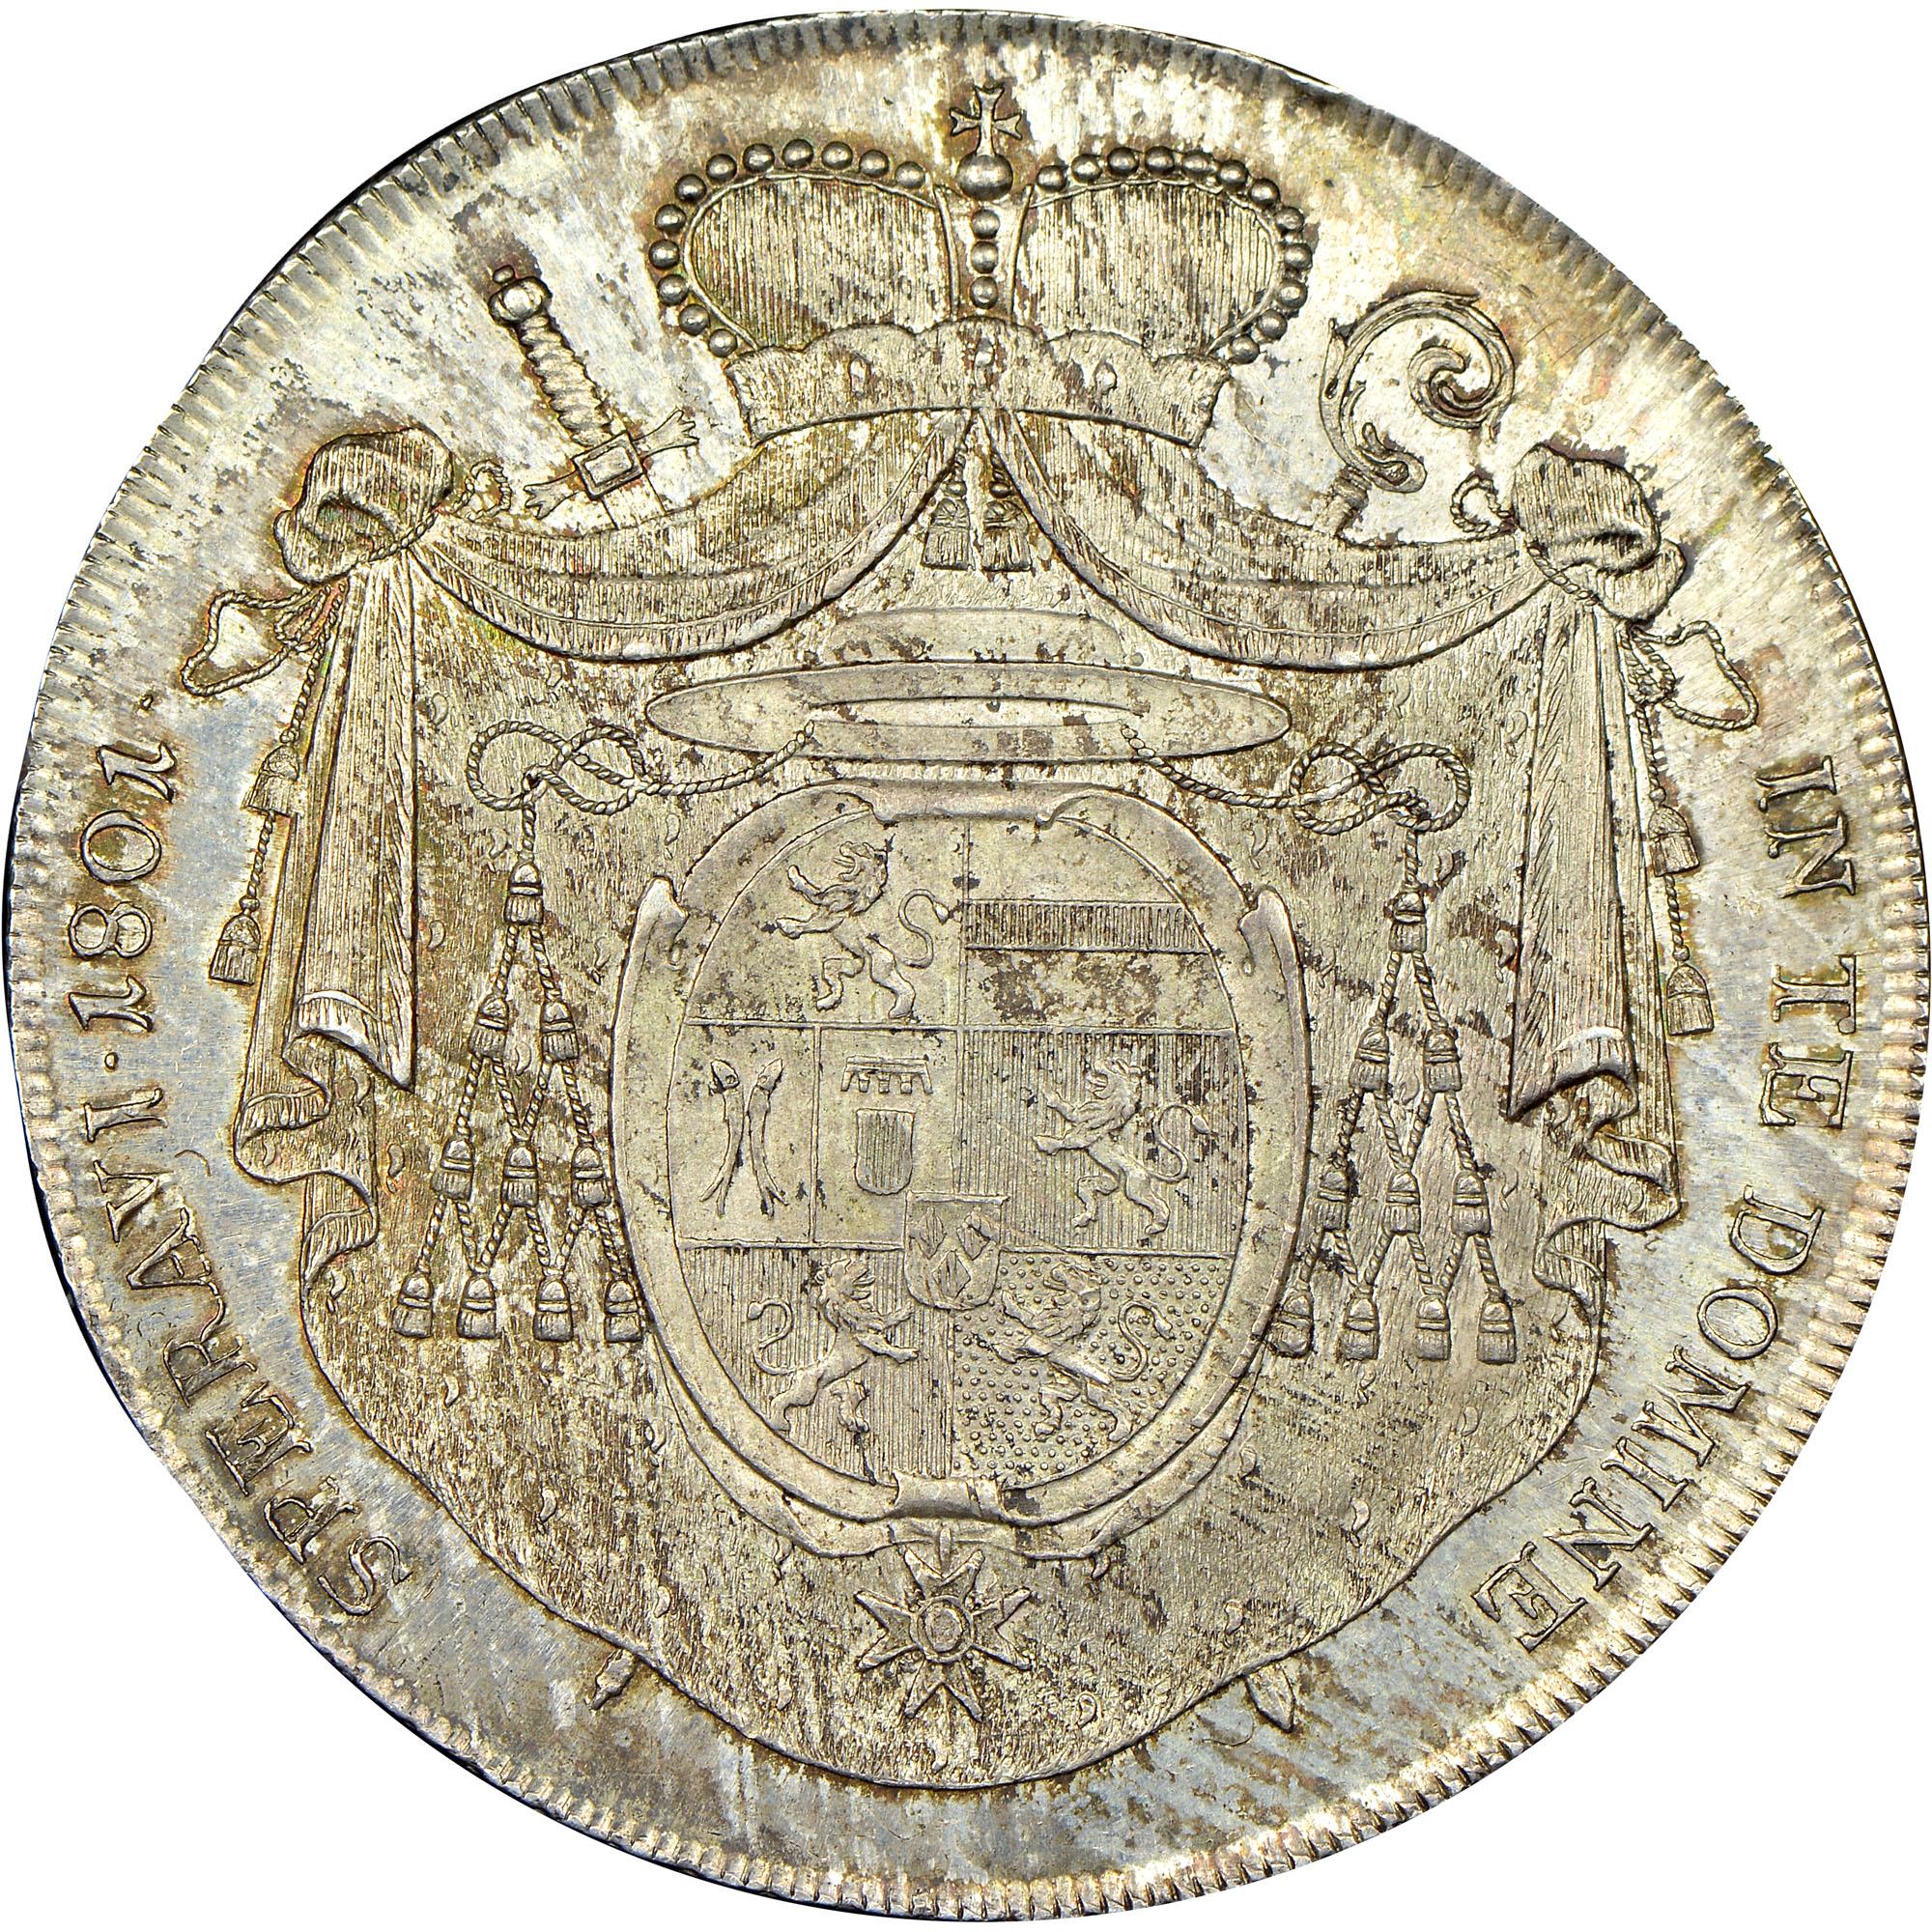 1801 Austrian States GURK Thaler, Convention reverse